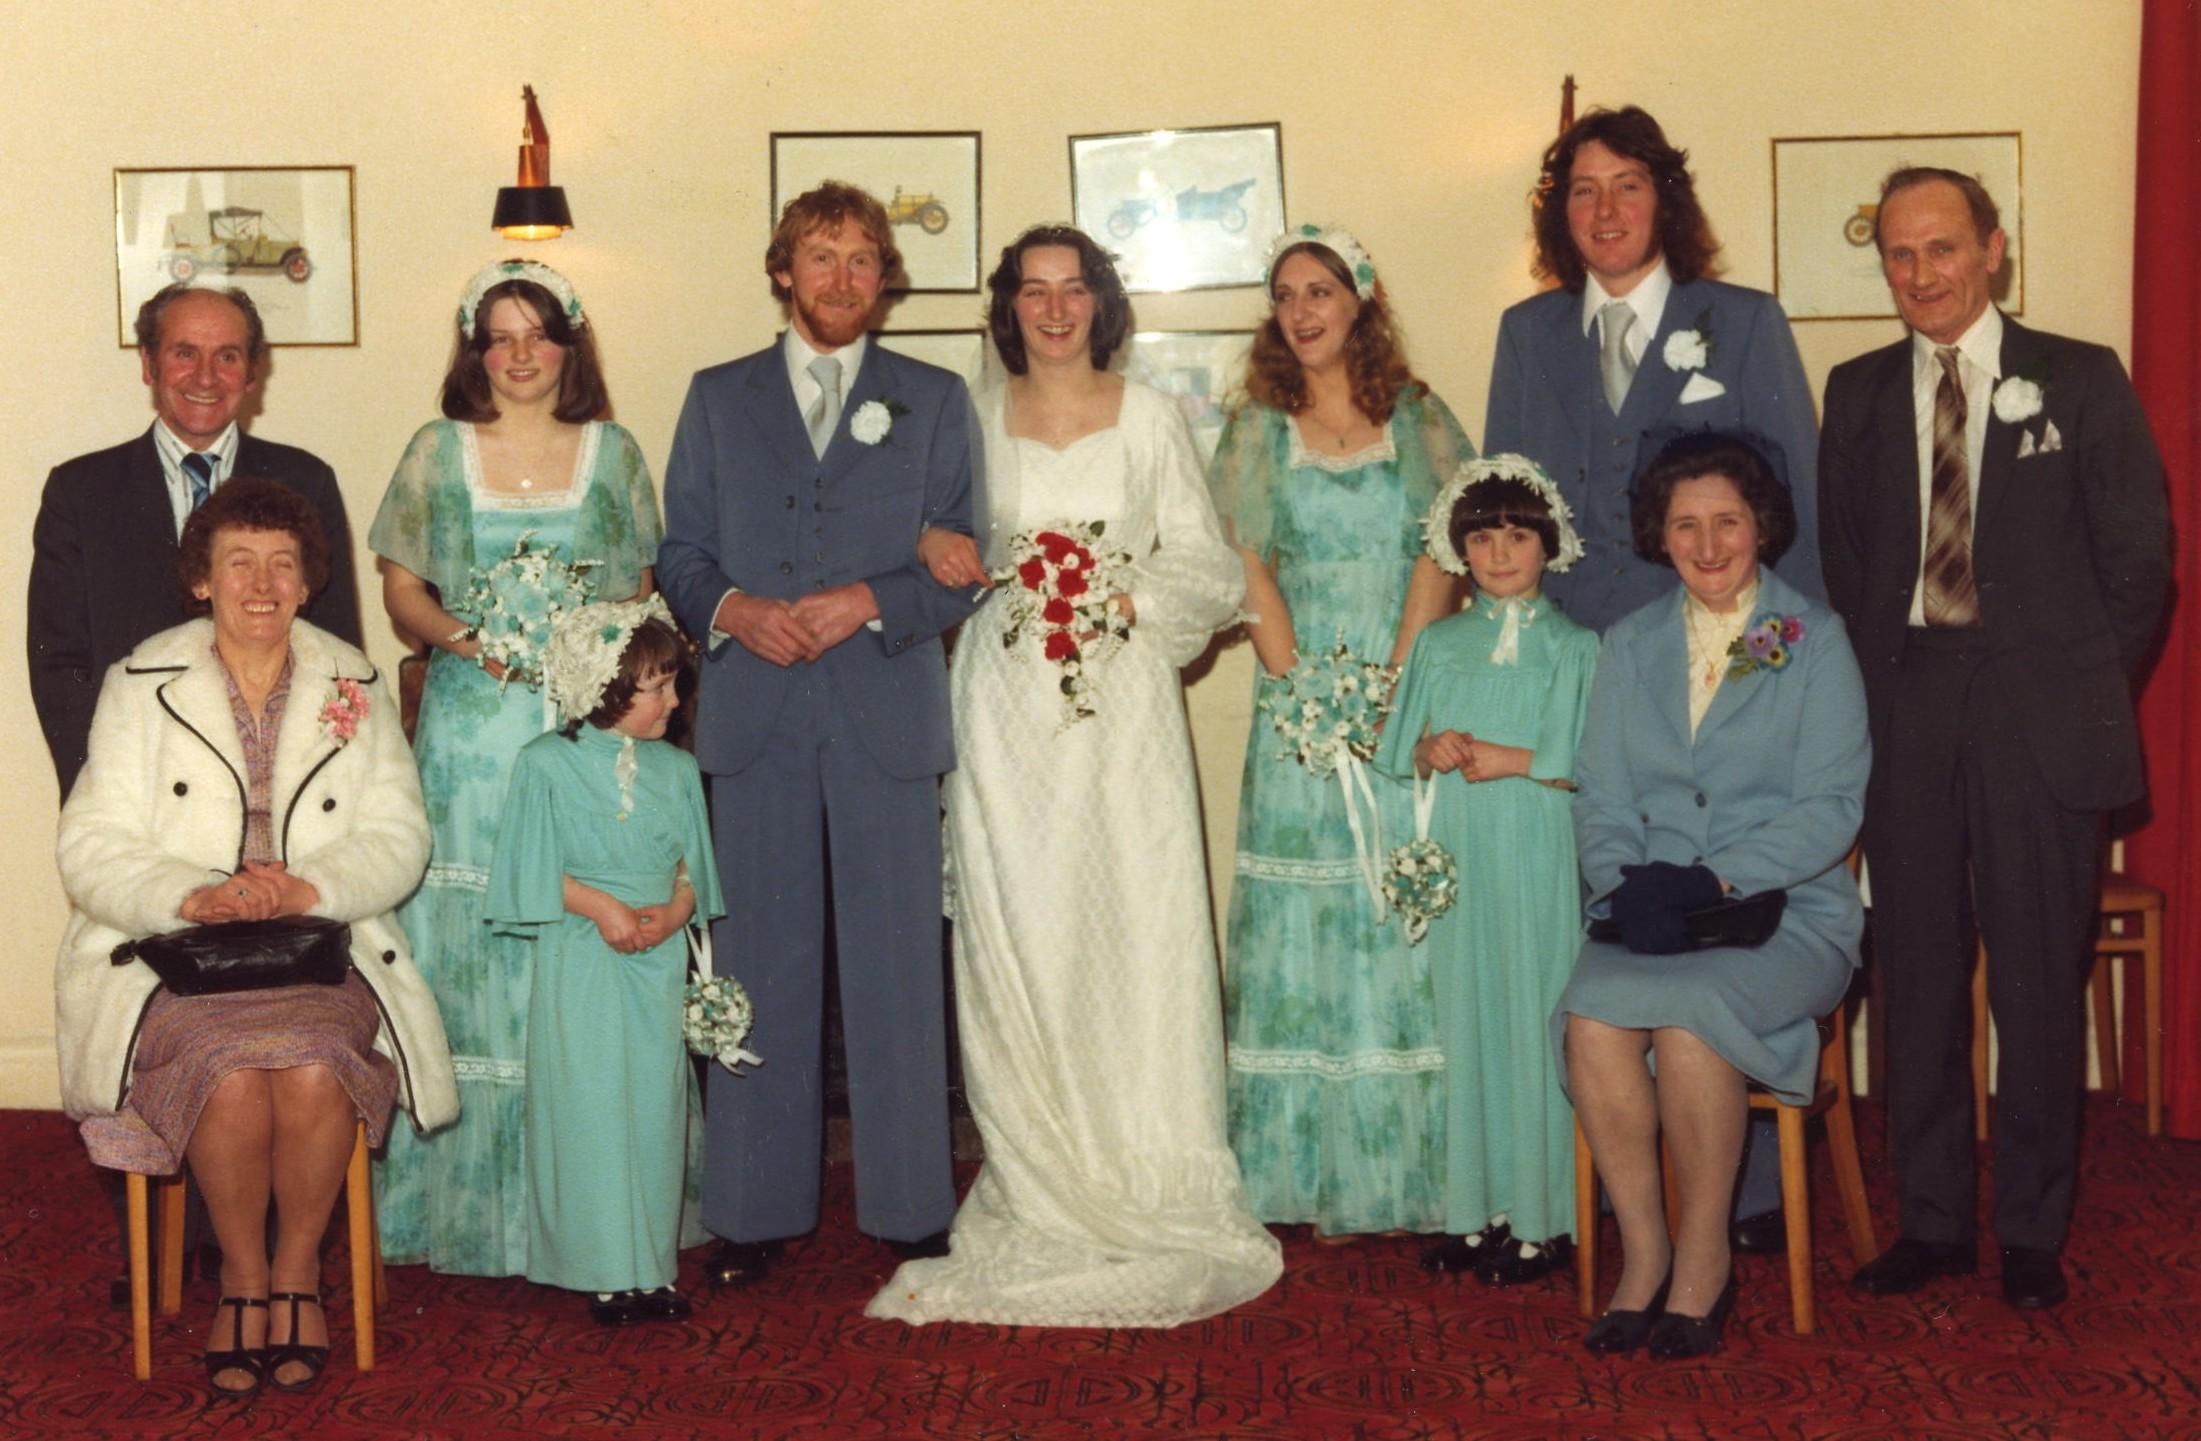 Rachel Beattie & Garry Grant's Wedding